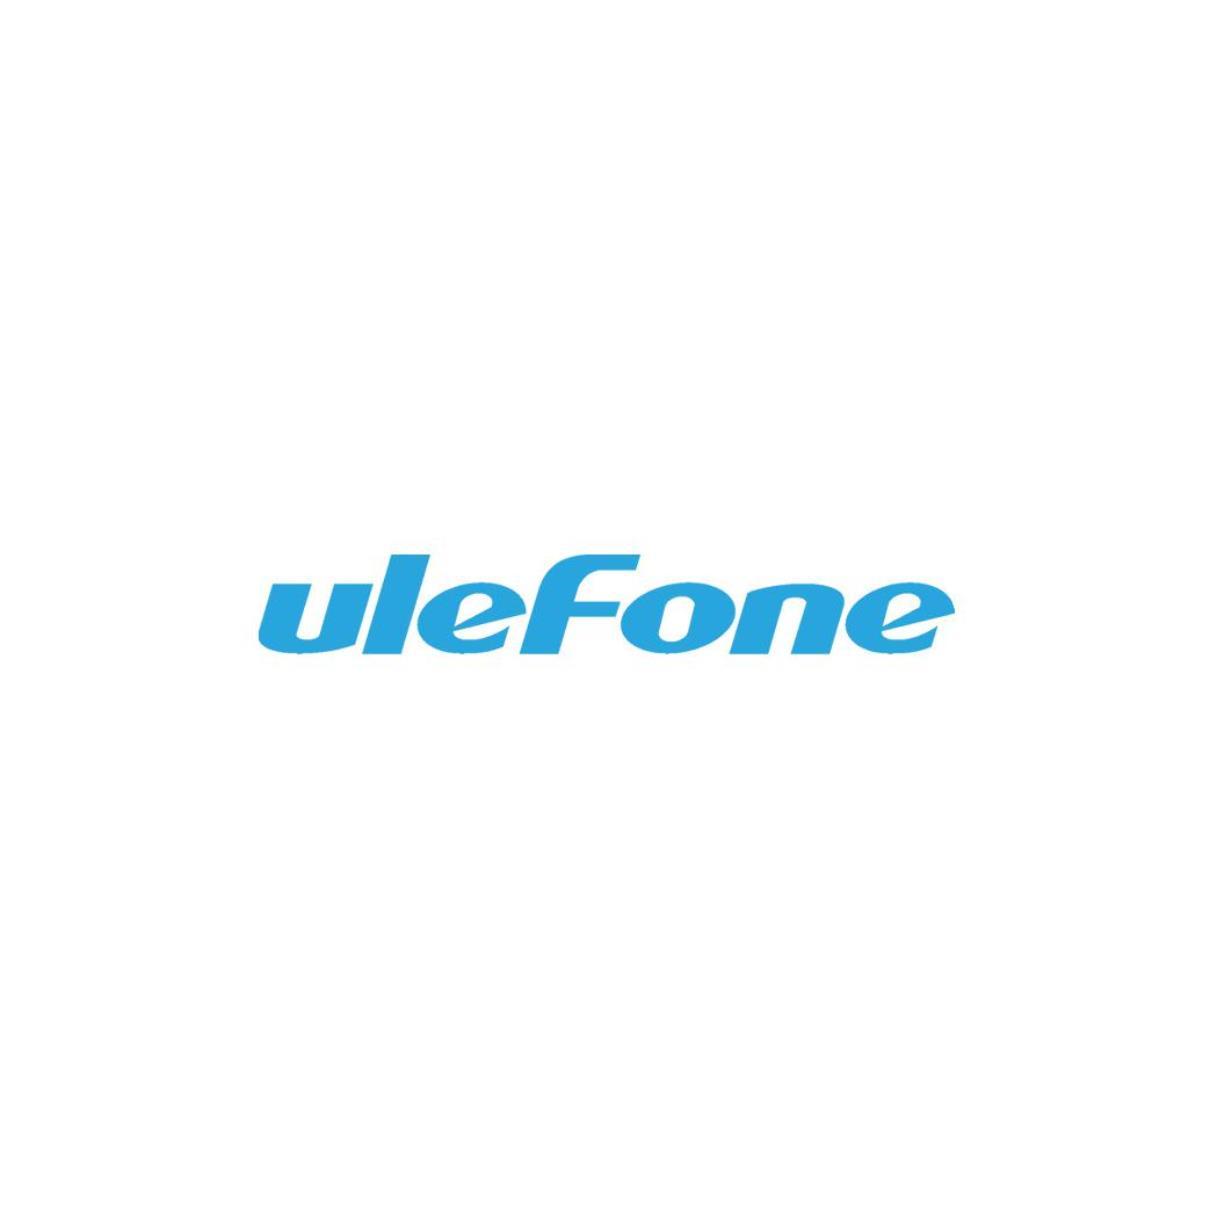 Ulefone připravuje Armor X7 s Androidem 10